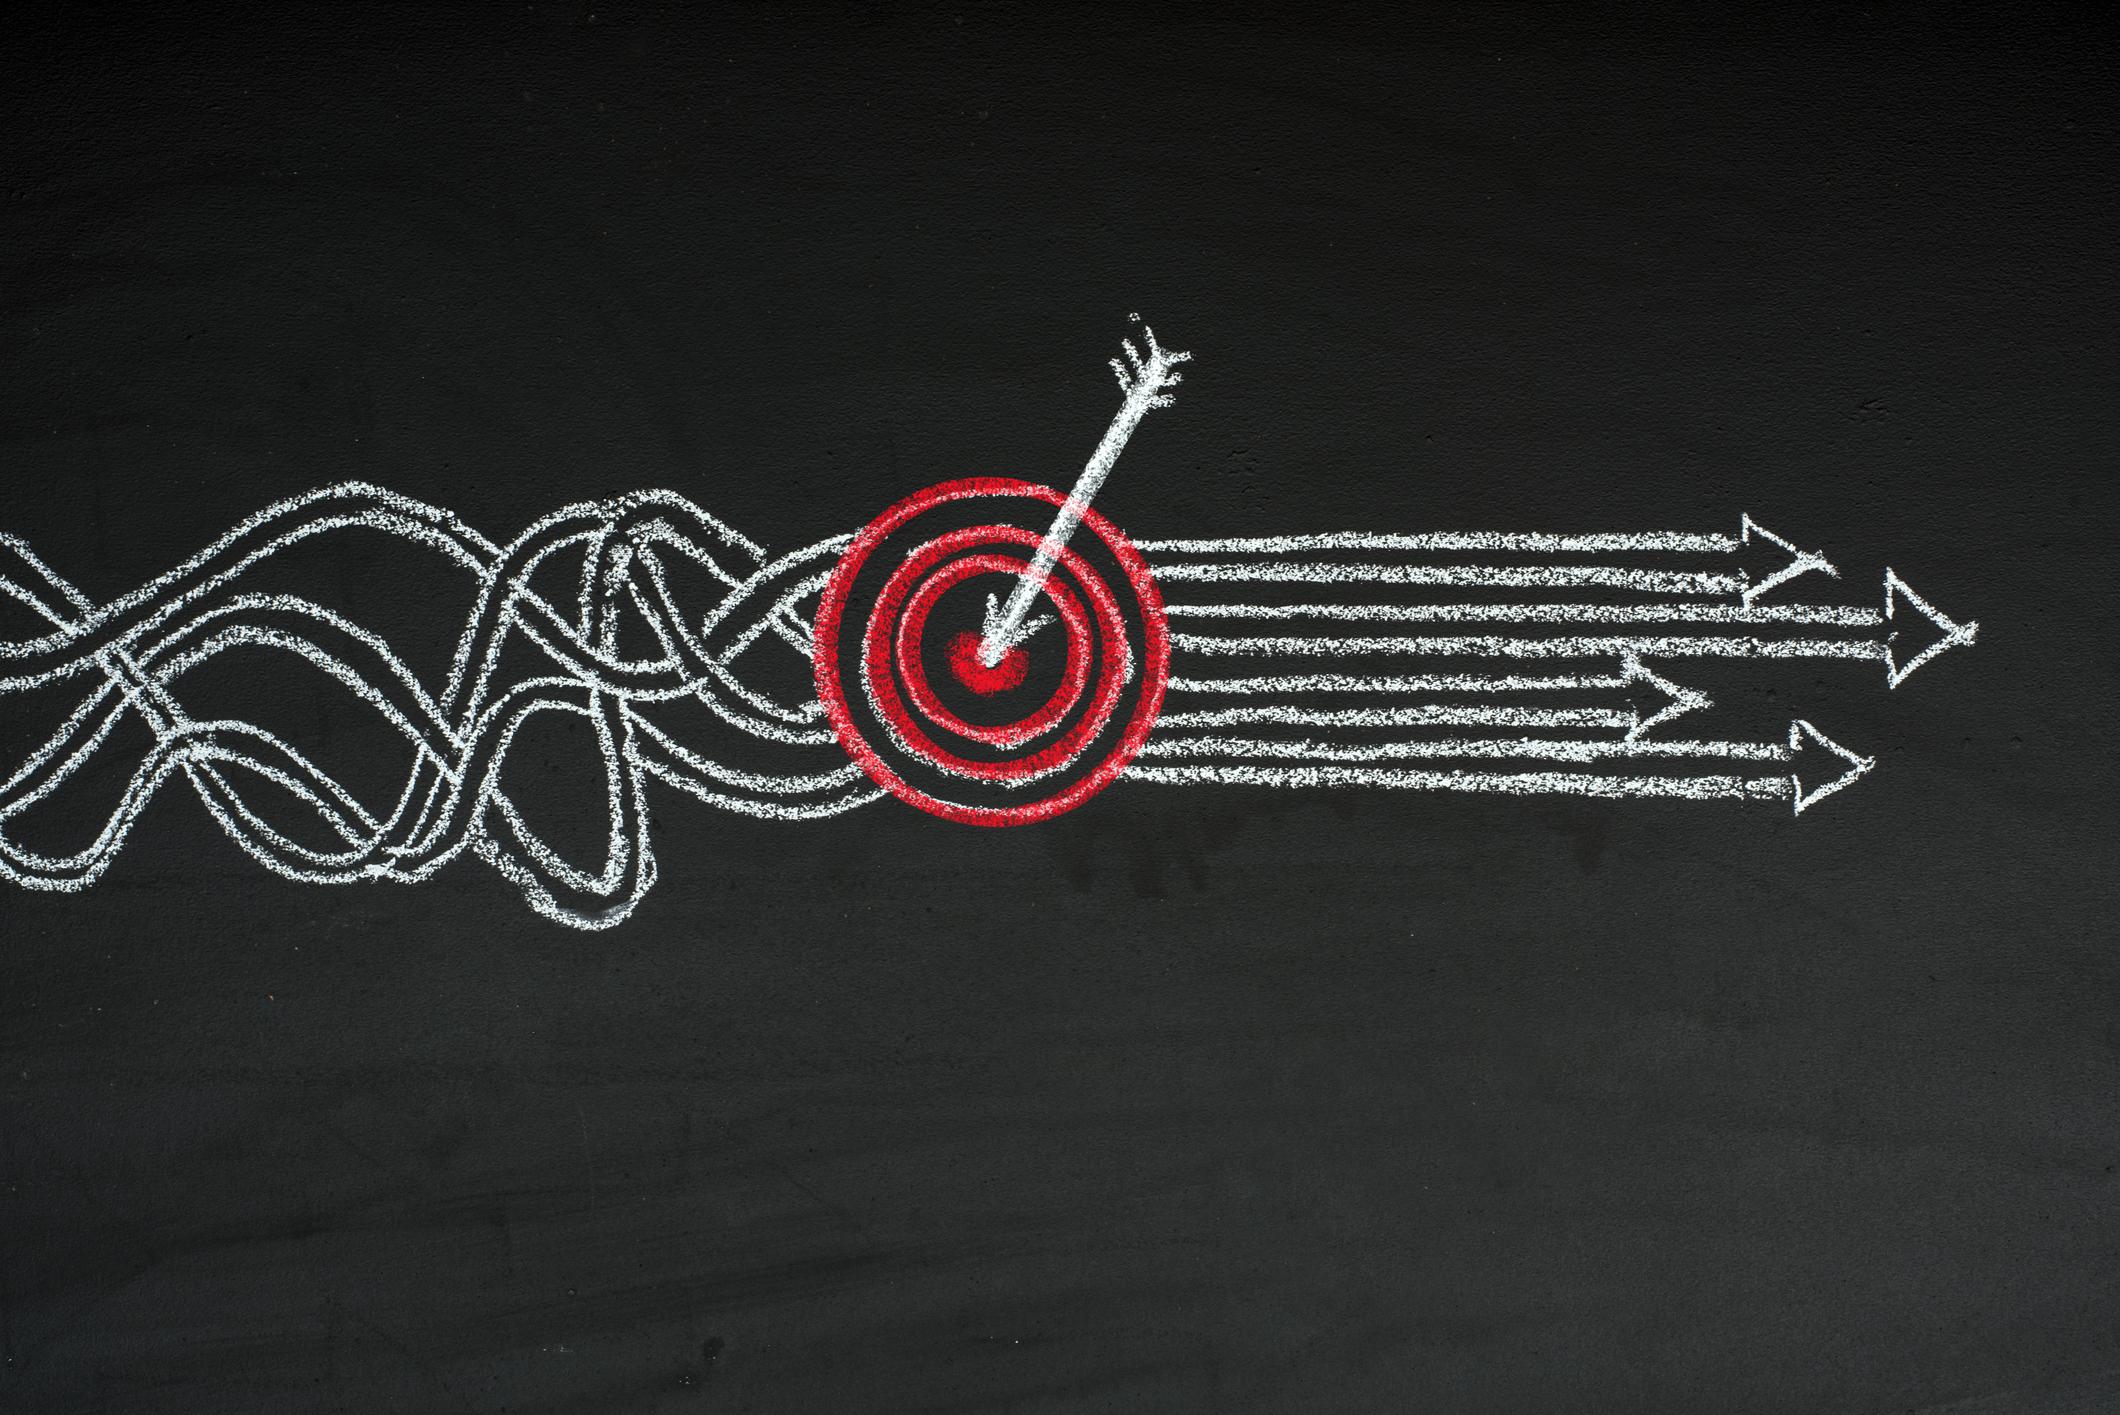 Multi-Attributive-Portfolio-Priorisierung fördert einheitliche Strategieumsetzung